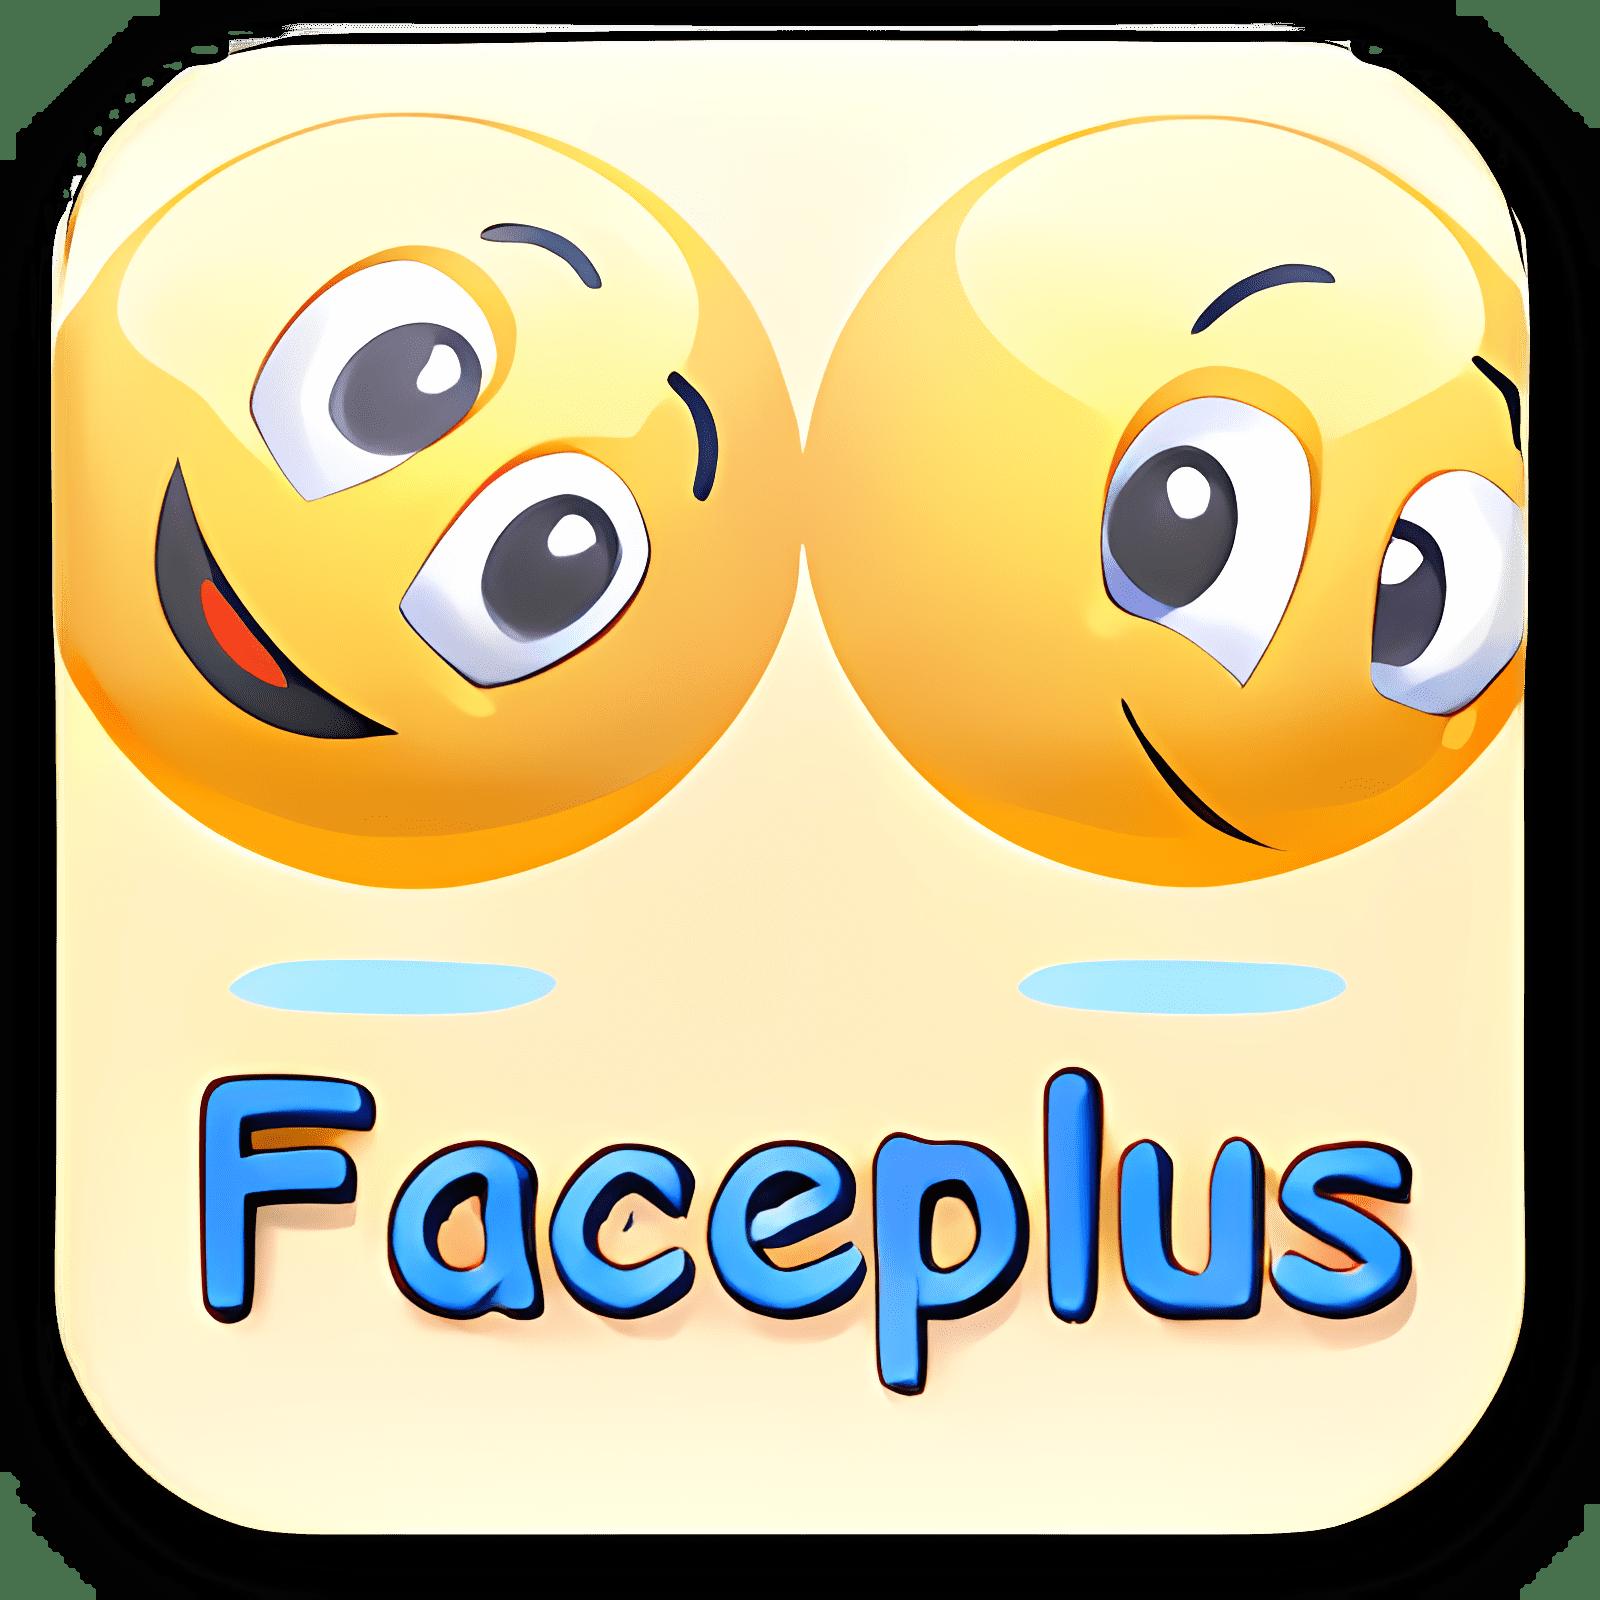 Faceplus